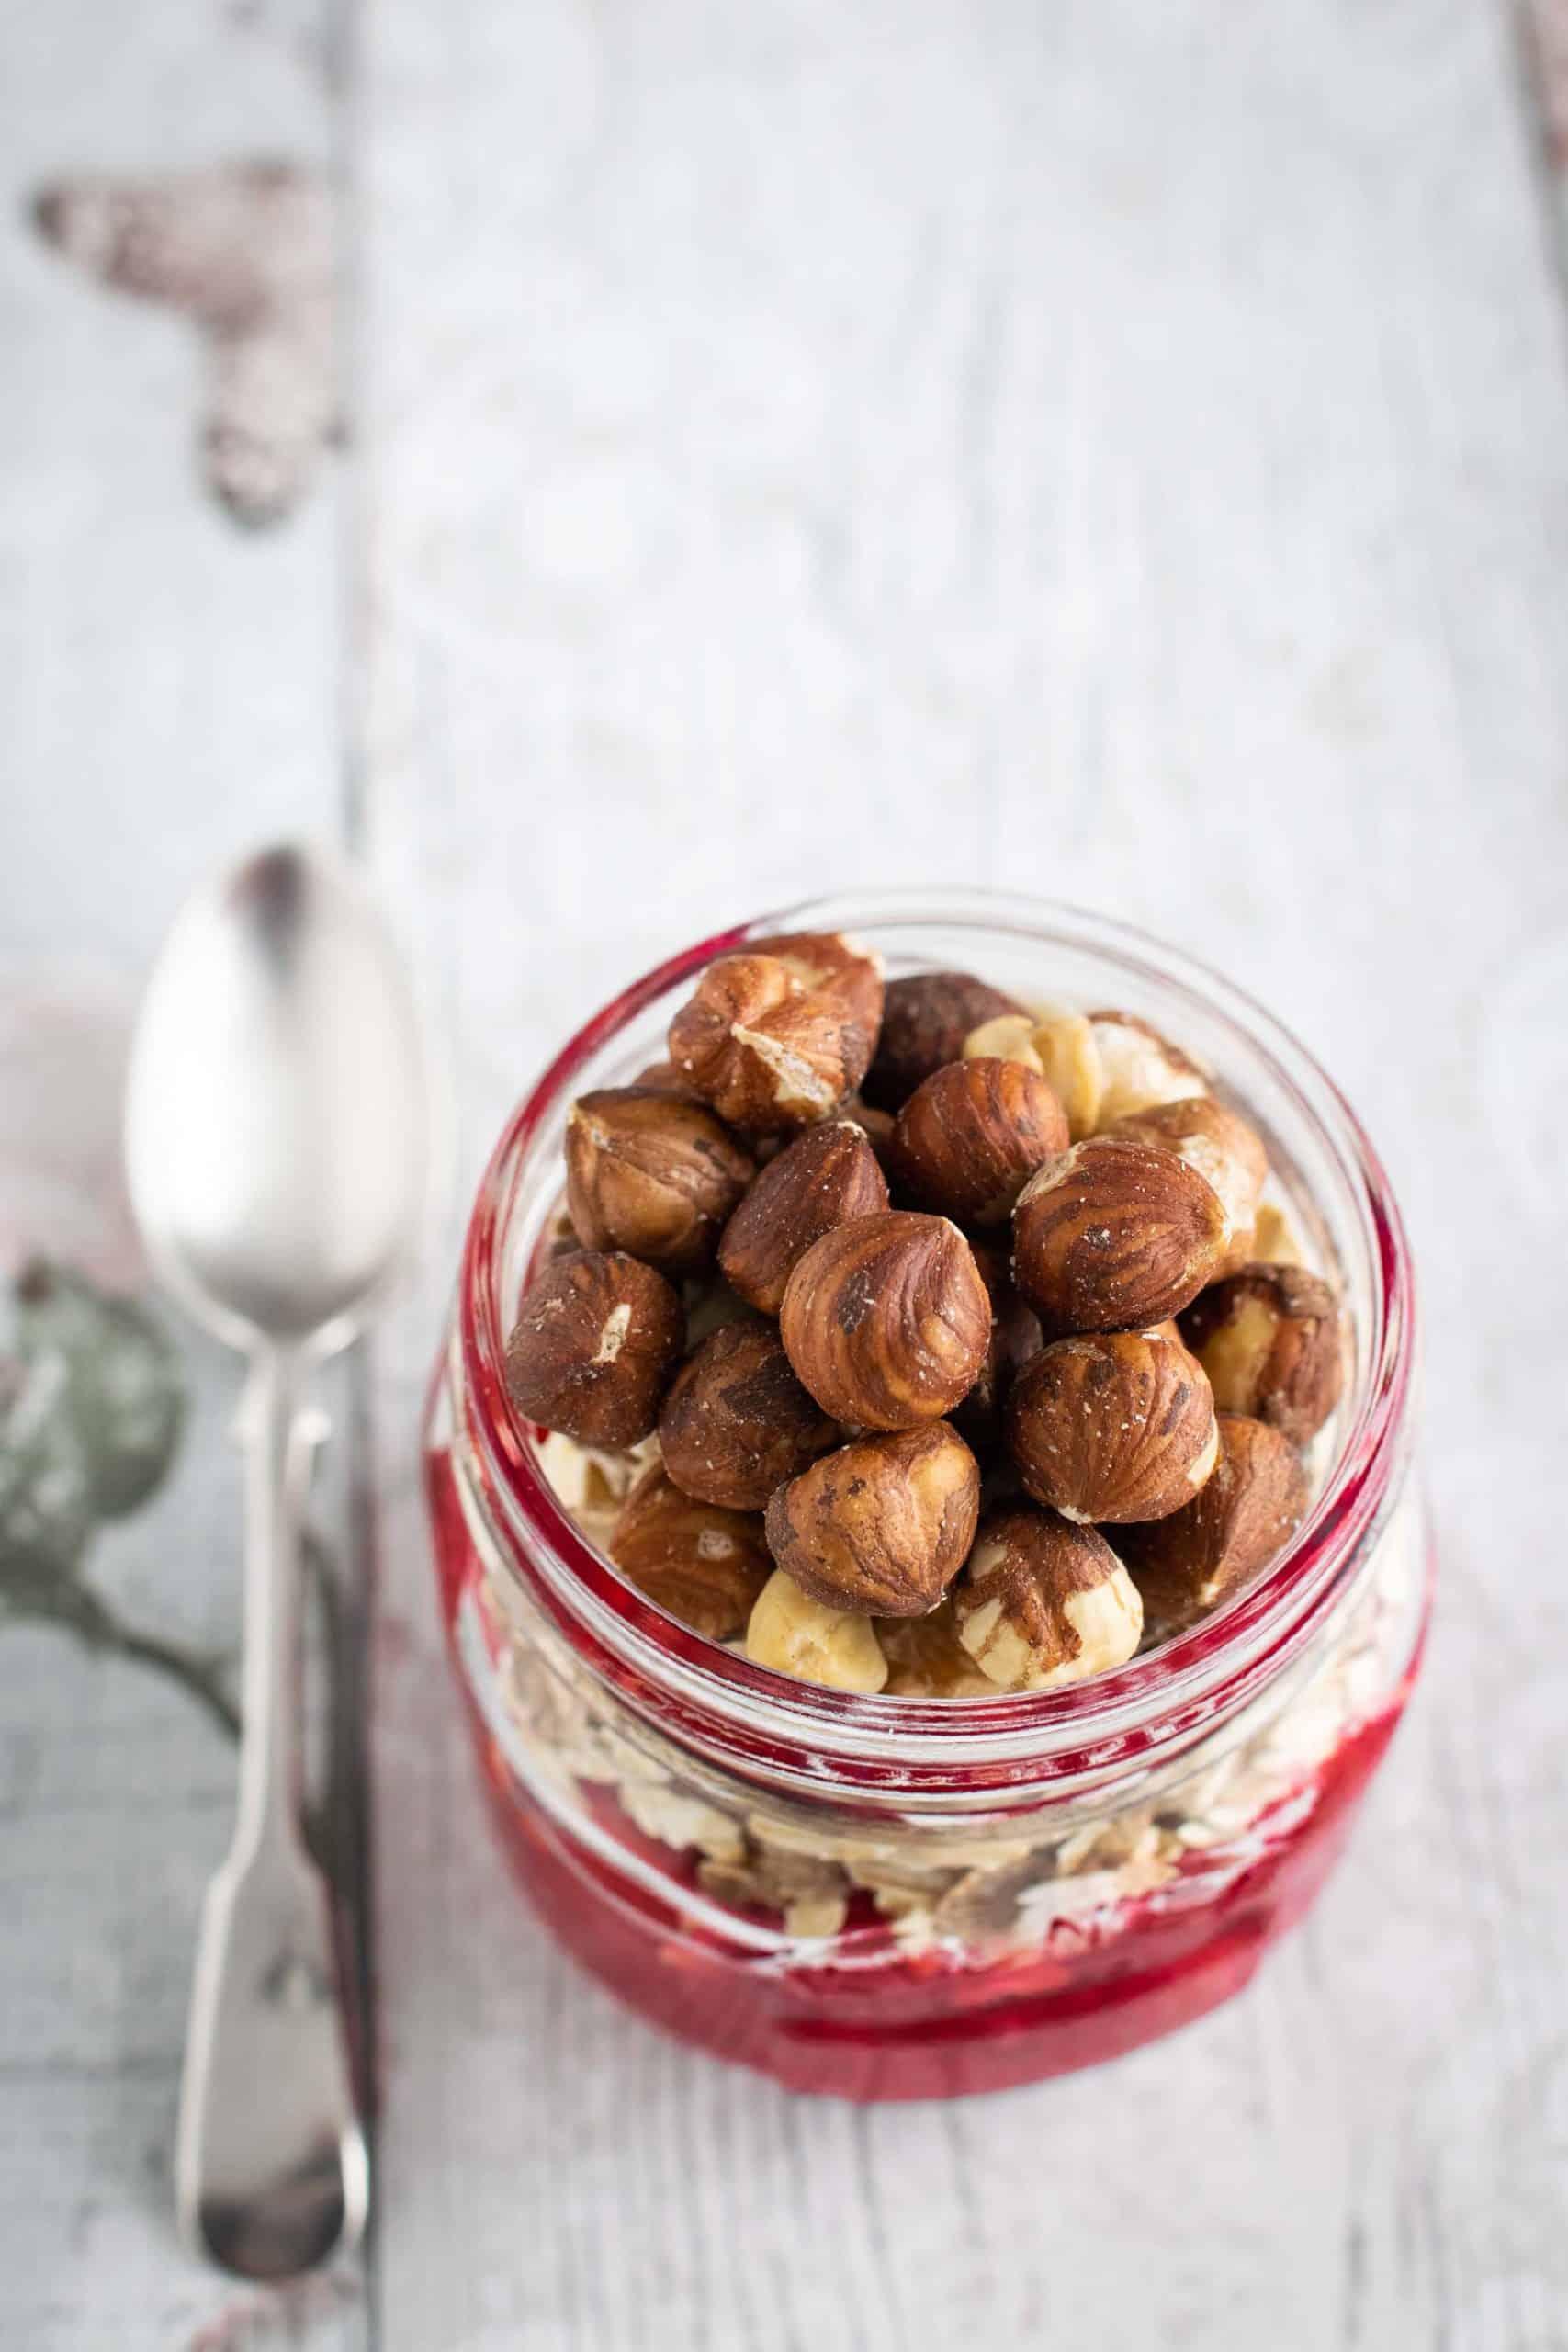 Make your own hazelnut chocolate spread